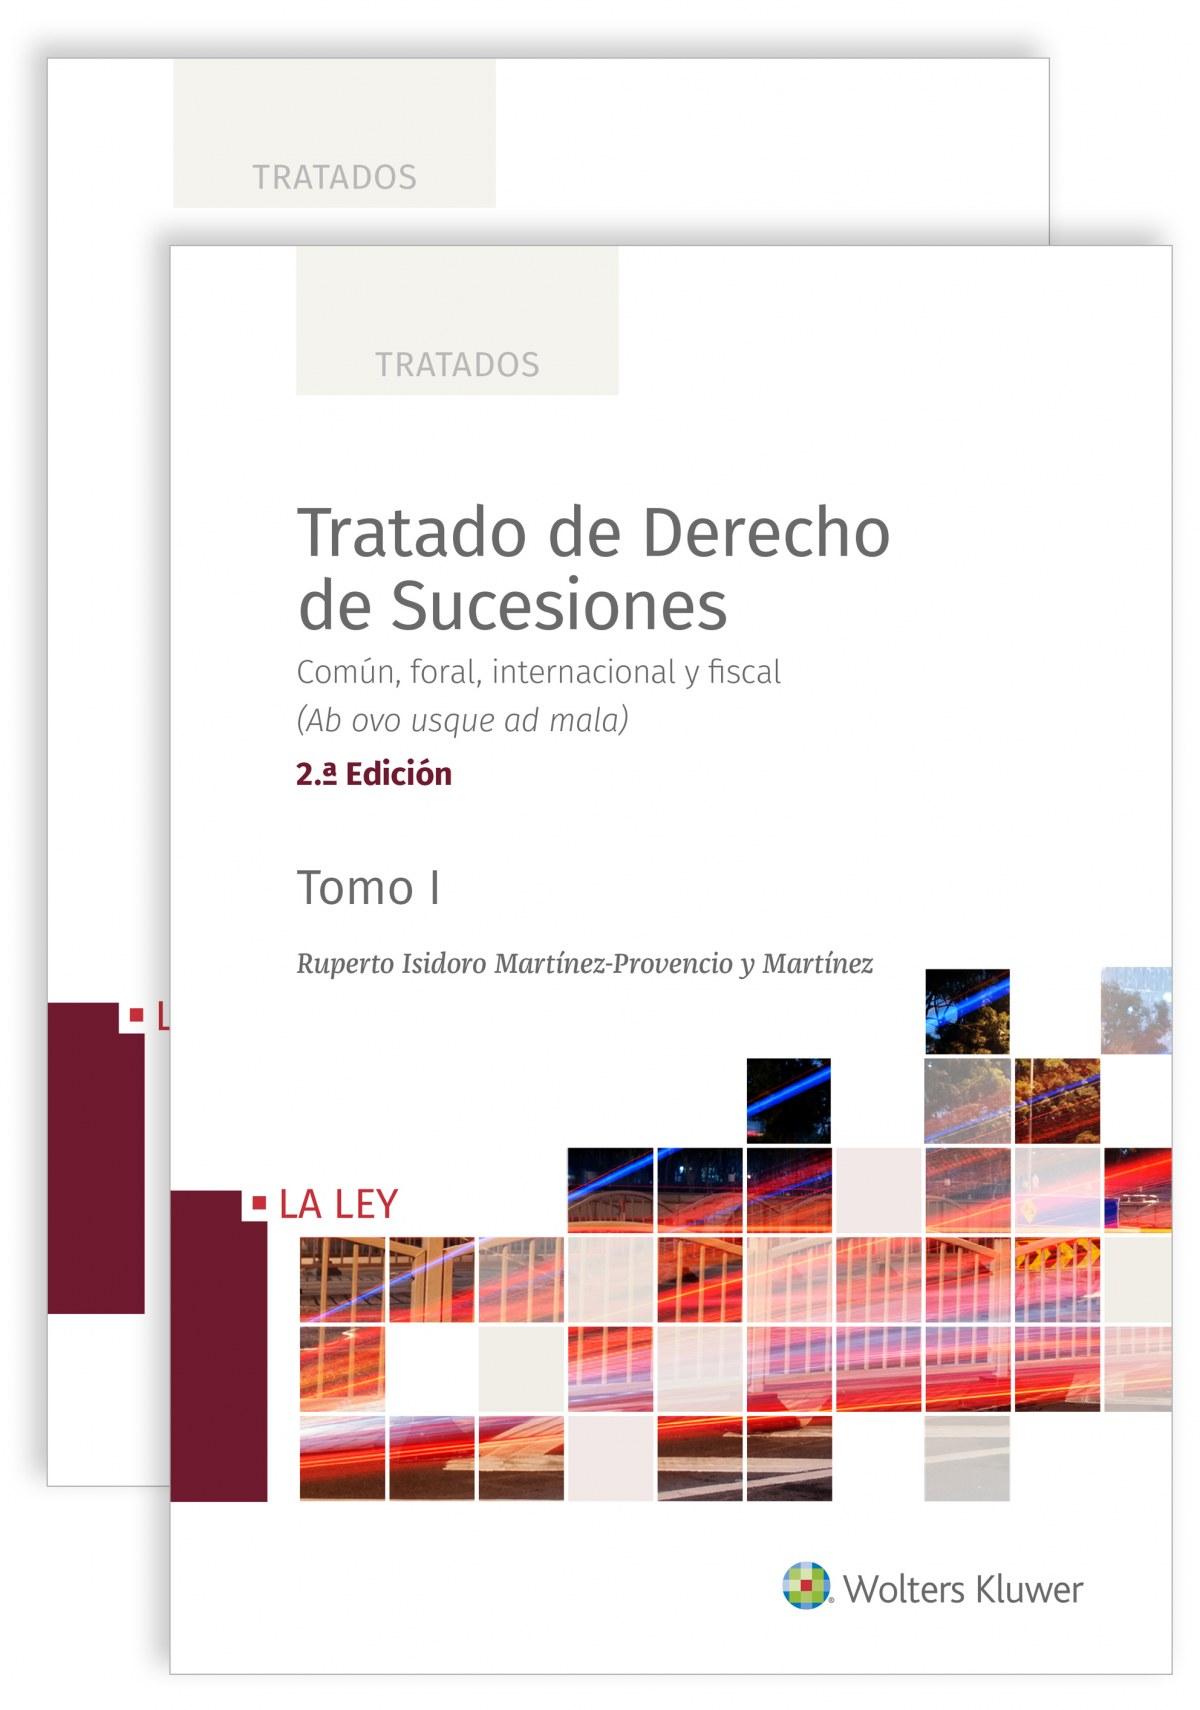 Tratado de derecho de sucesiones (2.a. Edición) 9788418349669